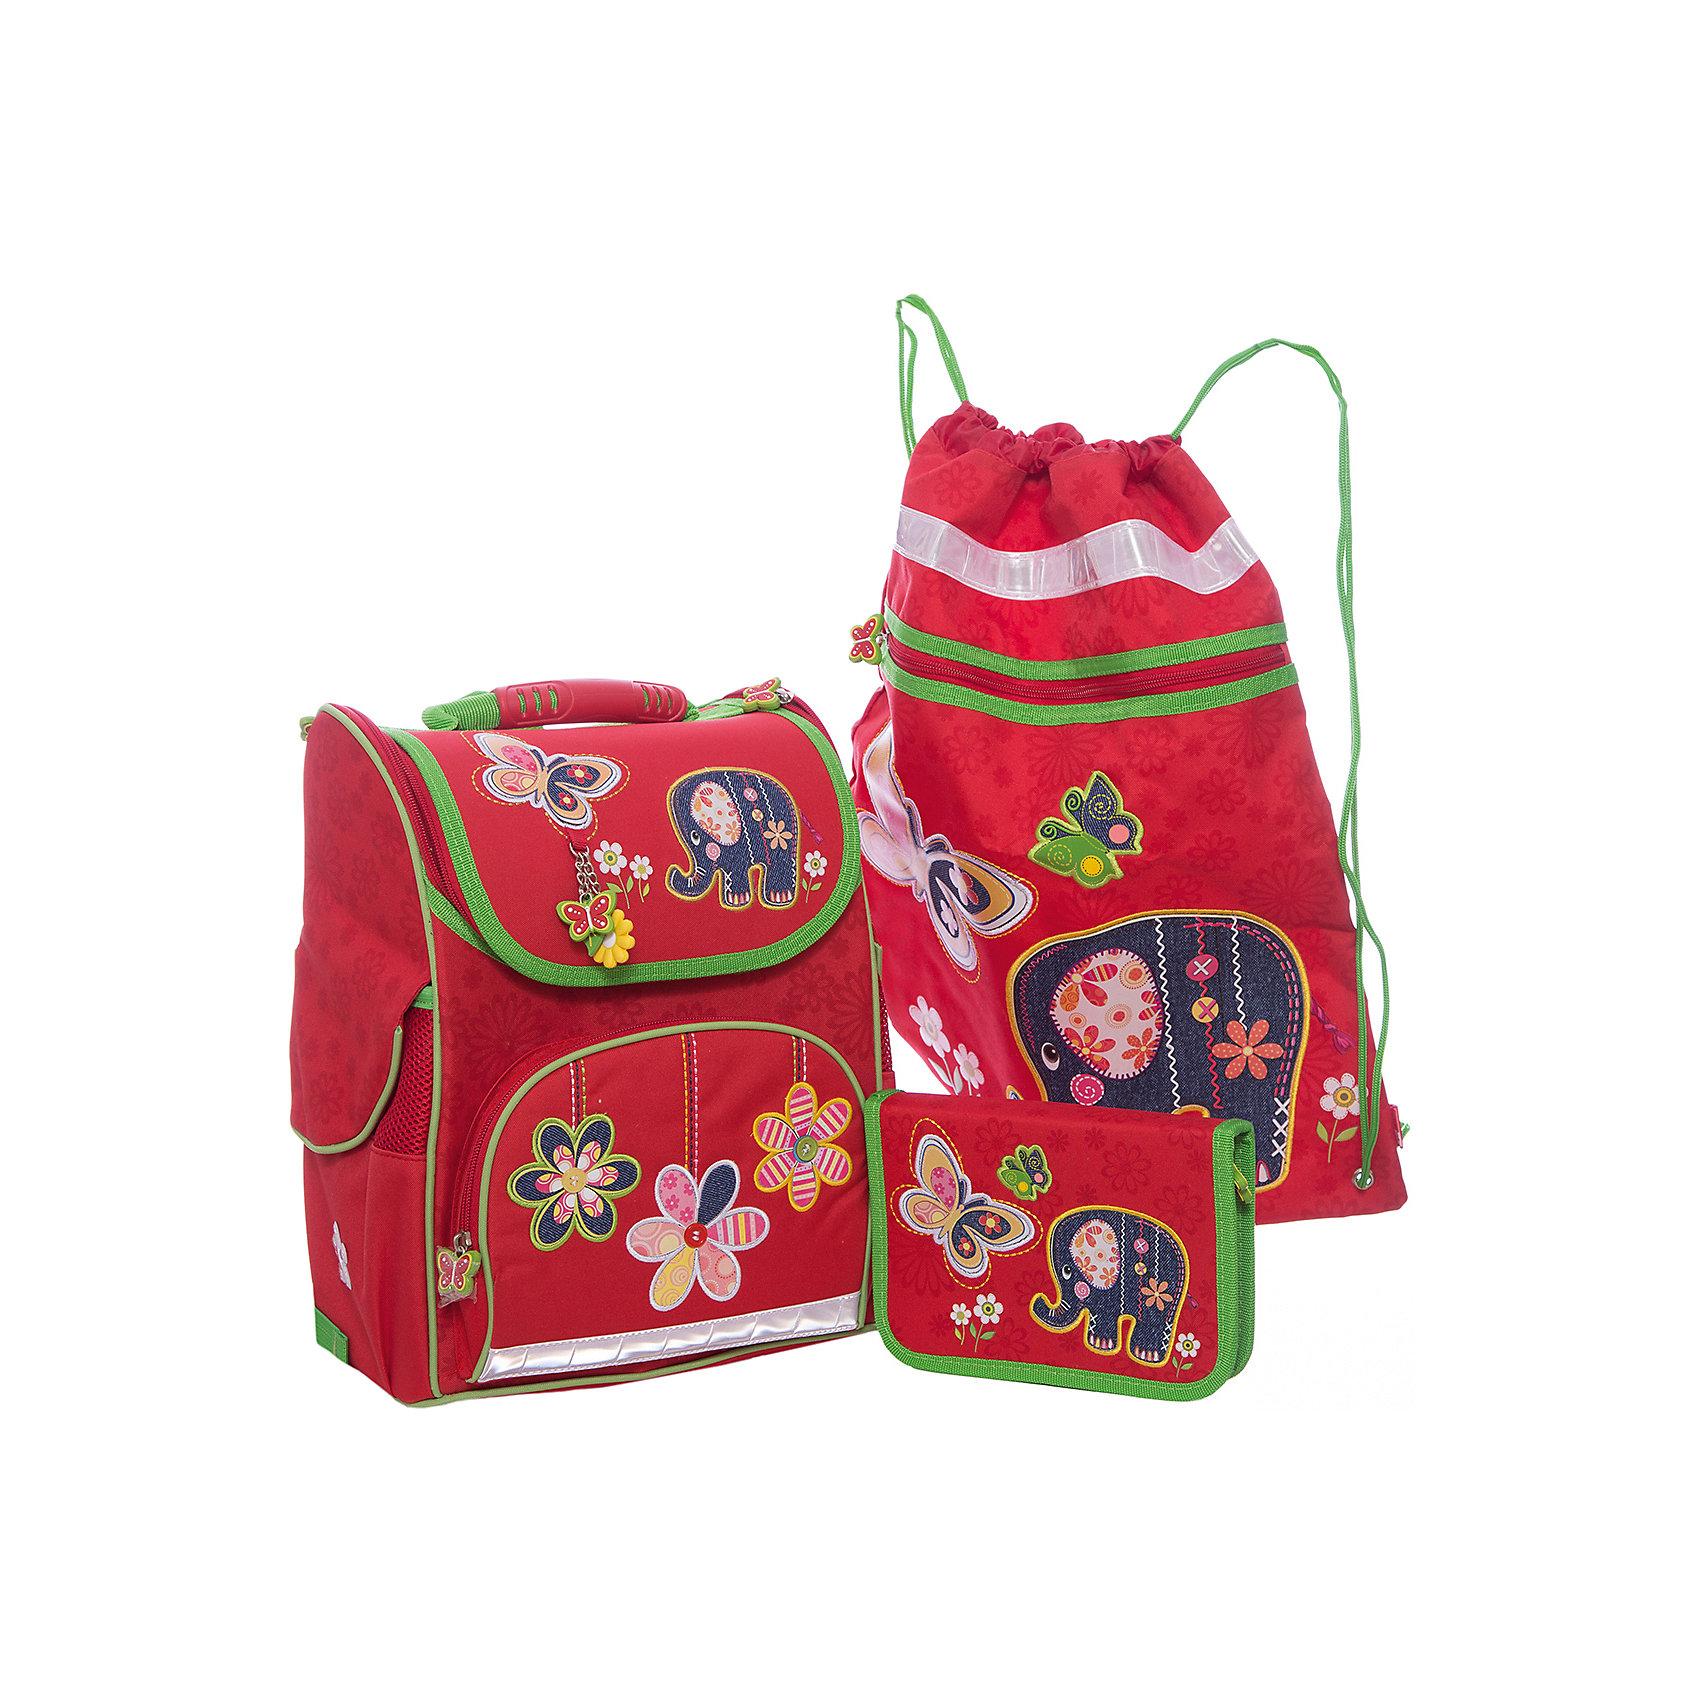 Набор для школьницы Слоник Феникс+Ранцы<br>Набор для школьницы СЛОНИК (ранец, пенал (без наполнения), мешок для обуви в подарочной картонной коробке с ПВХ-окошком (полиэстер): (ранец: 35x26x15см,  пенал: 20x13.3x3.5см, мешок для обуви: 36x48см)<br><br>Ширина мм: 300<br>Глубина мм: 190<br>Высота мм: 370<br>Вес г: 1700<br>Возраст от месяцев: 72<br>Возраст до месяцев: 2147483647<br>Пол: Женский<br>Возраст: Детский<br>SKU: 7046256